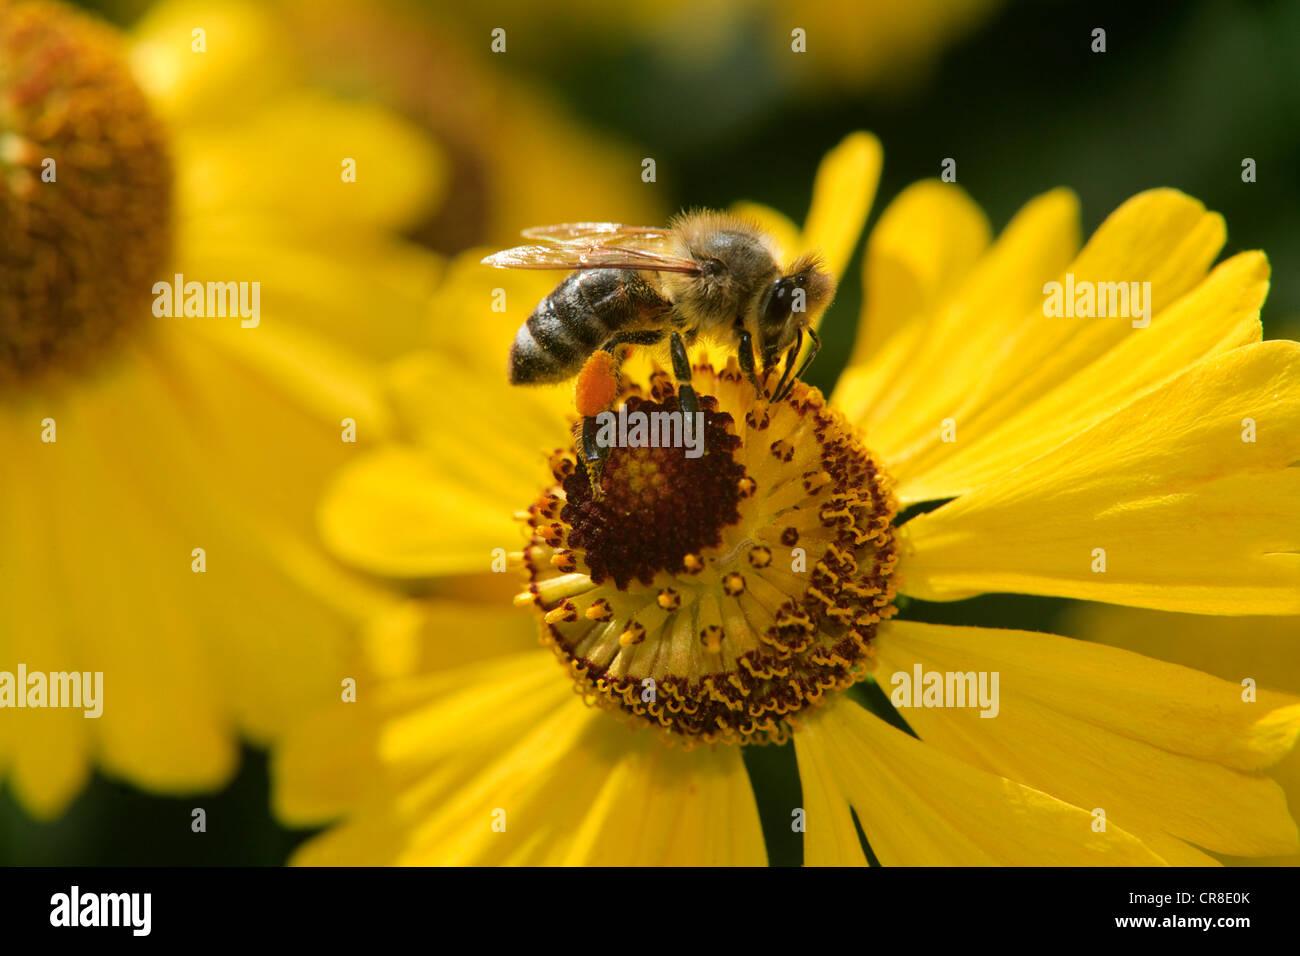 Honigbiene (Apis Mellifera), Imago, sammeln von Pollen, Deutschland, Europa Stockbild